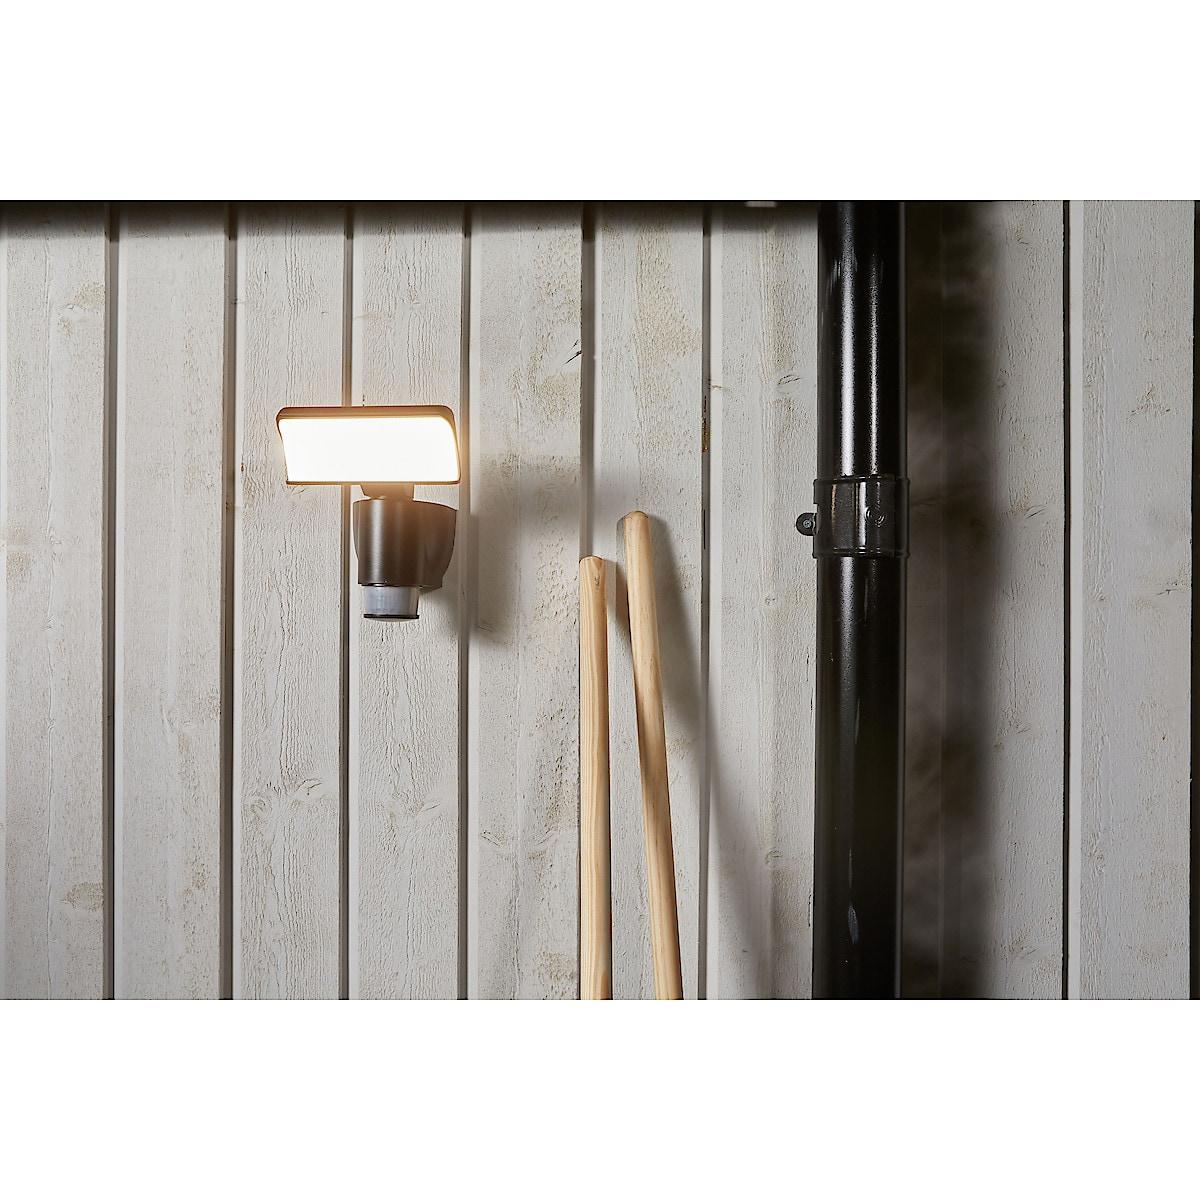 Vägglampa Robotic med rörelse- och ljussensor, Cotech